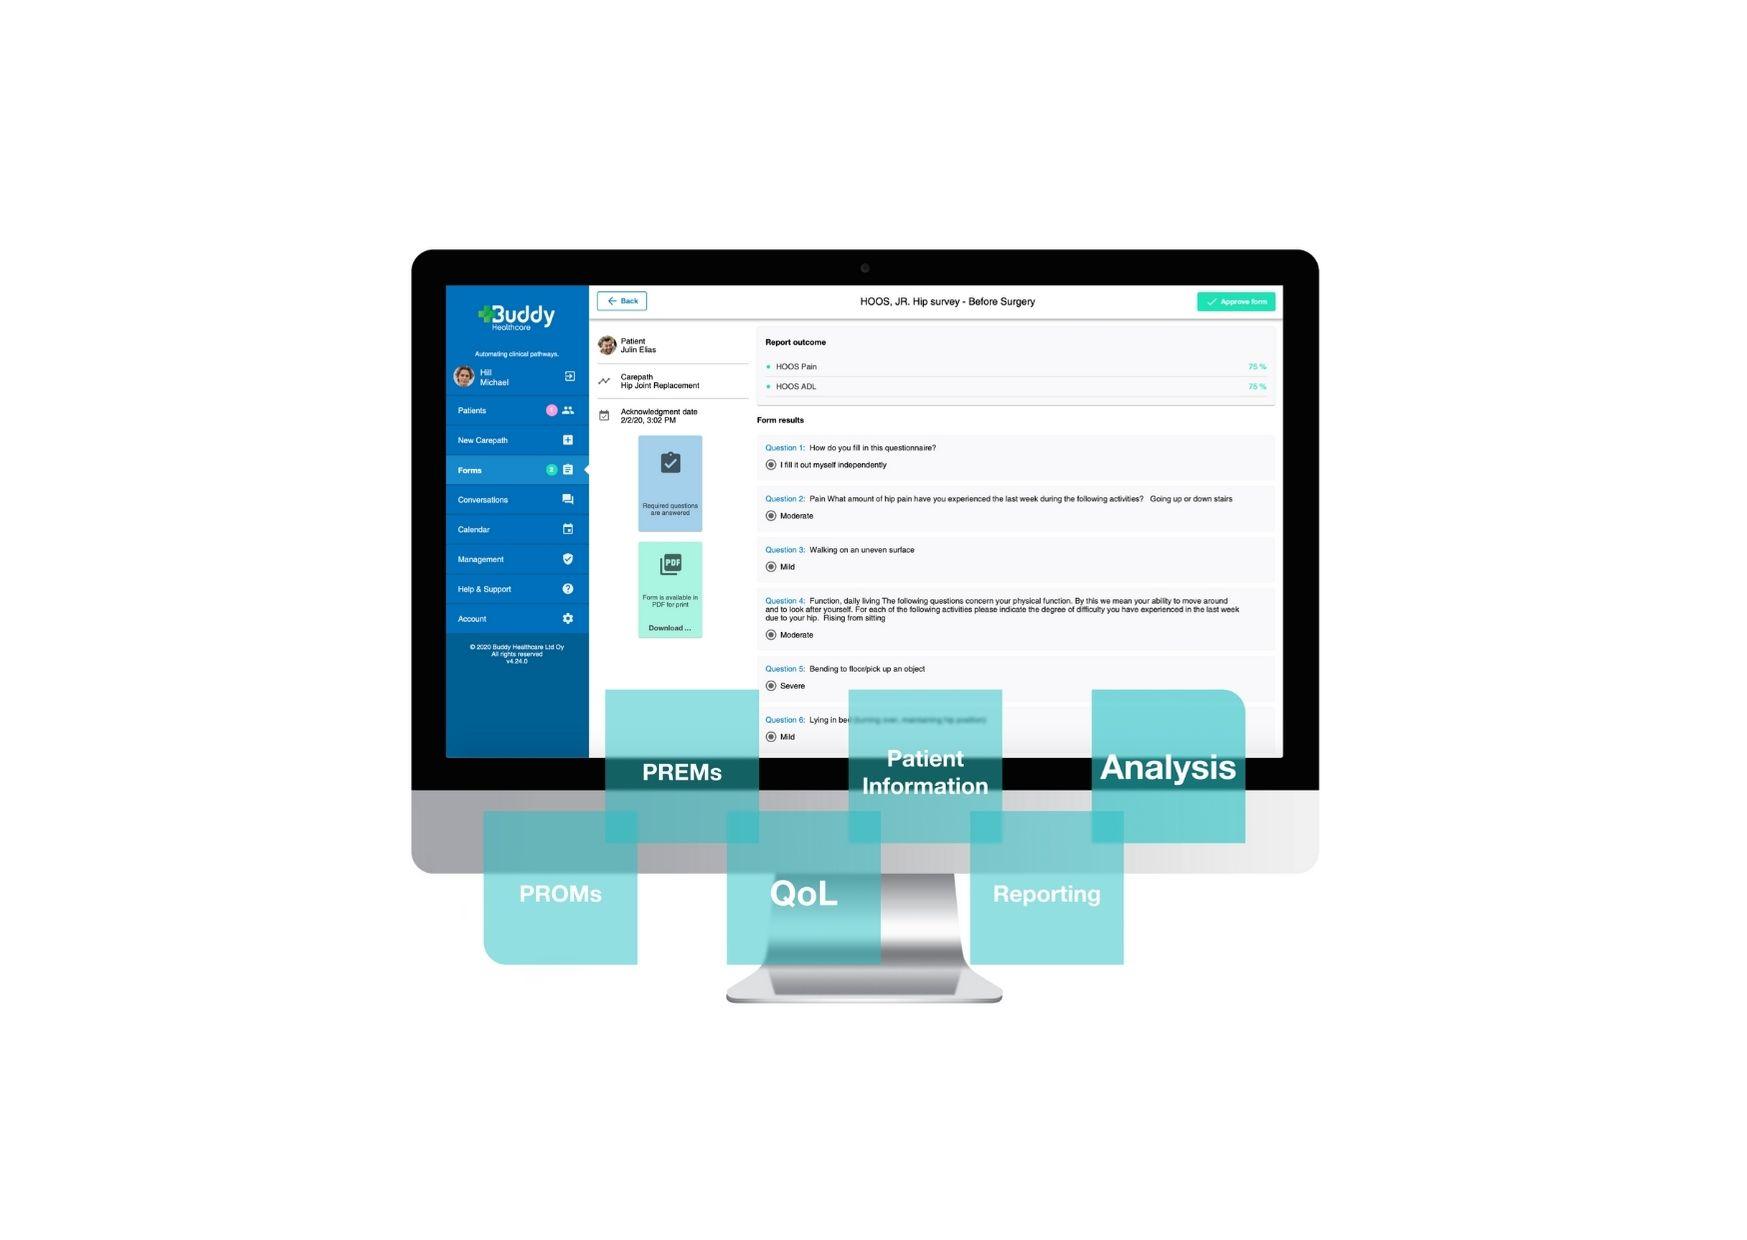 Die Telemedicine Software automatisiert das Sammeln von Patient Reported Outcomes und Patient Reported Experiences